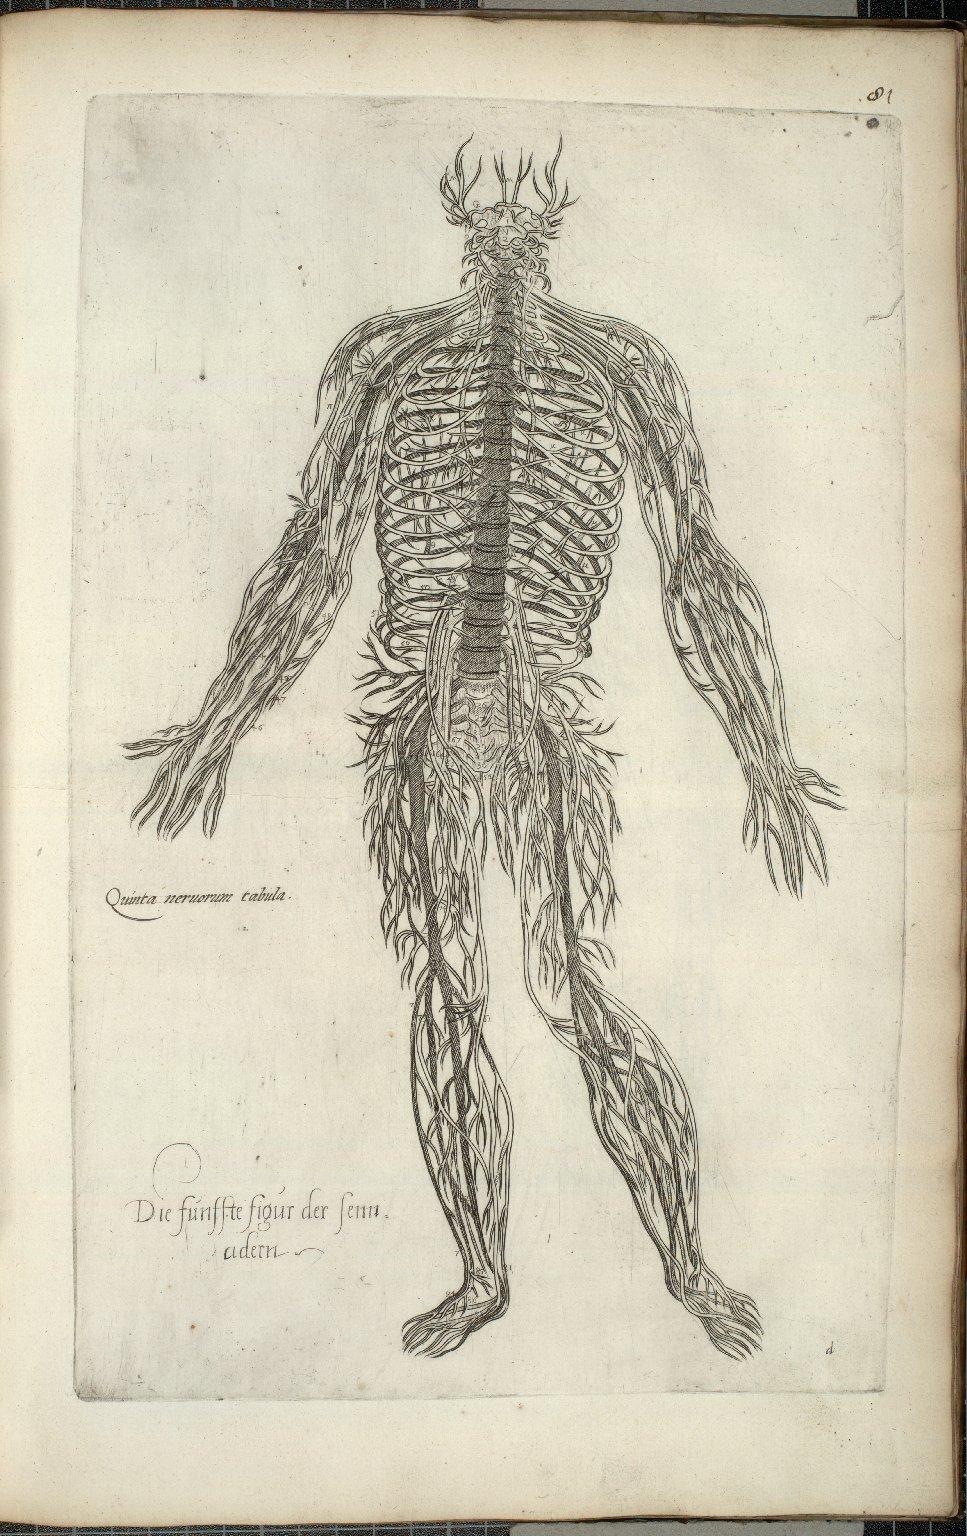 Quinta nervorum tabula